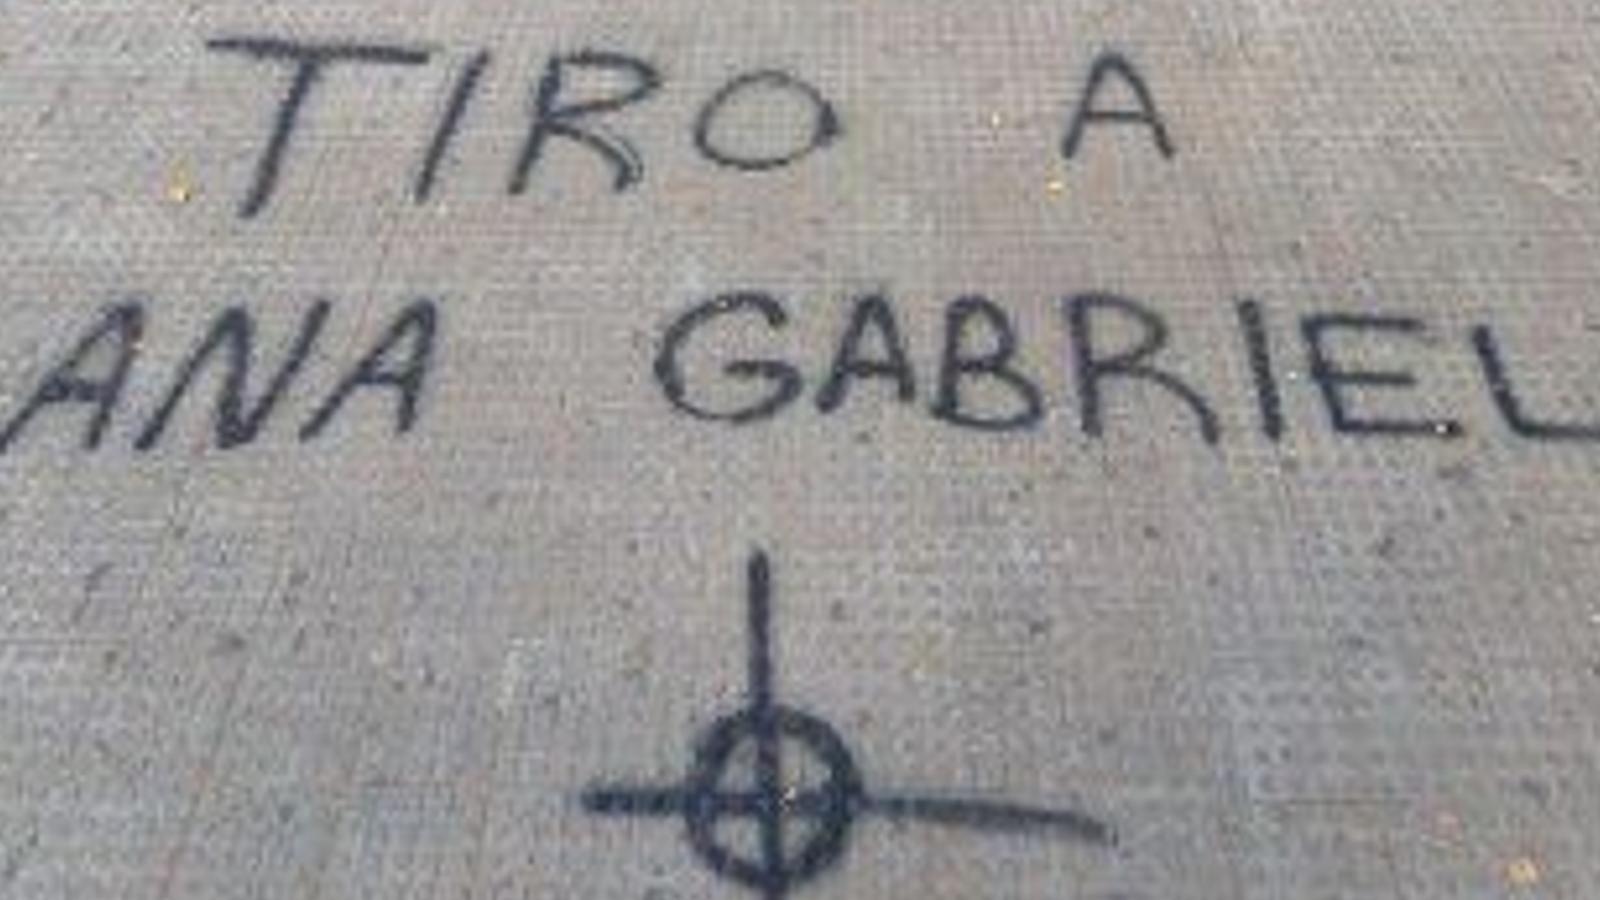 Pintades amenaçant de mort Anna Gabriel i de rebuig a la CUP abans d'un acte sobre l'1-O a la Universitat de València